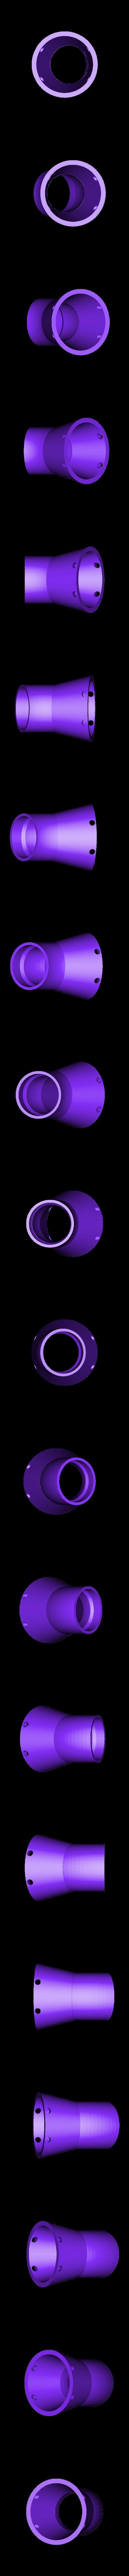 ballCollector.stl Télécharger fichier STL gratuit Collecteur de balles de tennis de table • Plan pour imprimante 3D, sportguy3Dprint